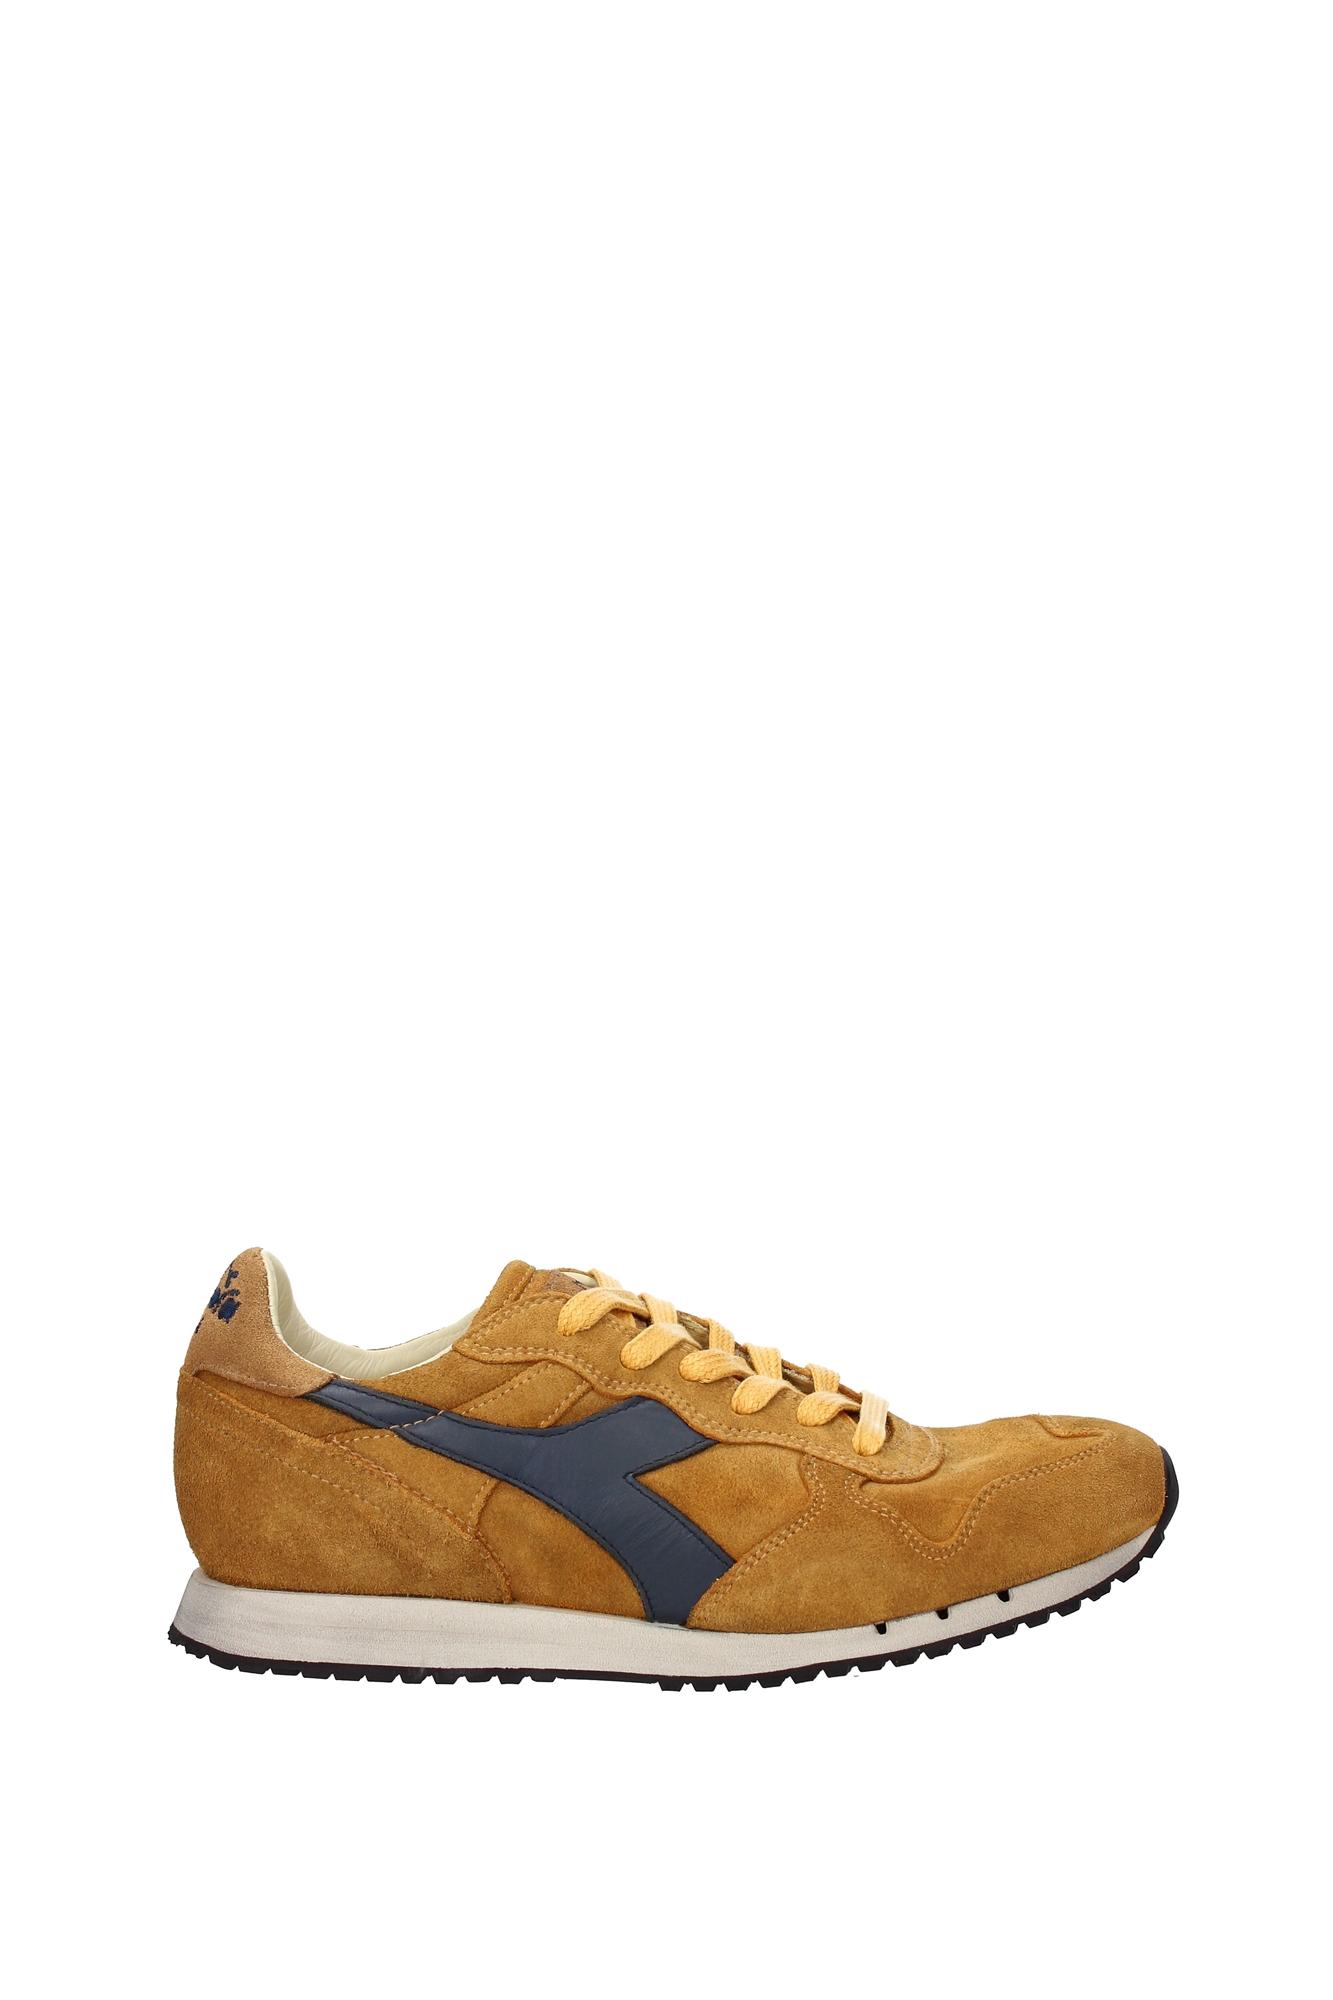 Sneakers Diadora Heritage Herren - (20115766401C6362)  (20115766401C6362) - 2dbee6